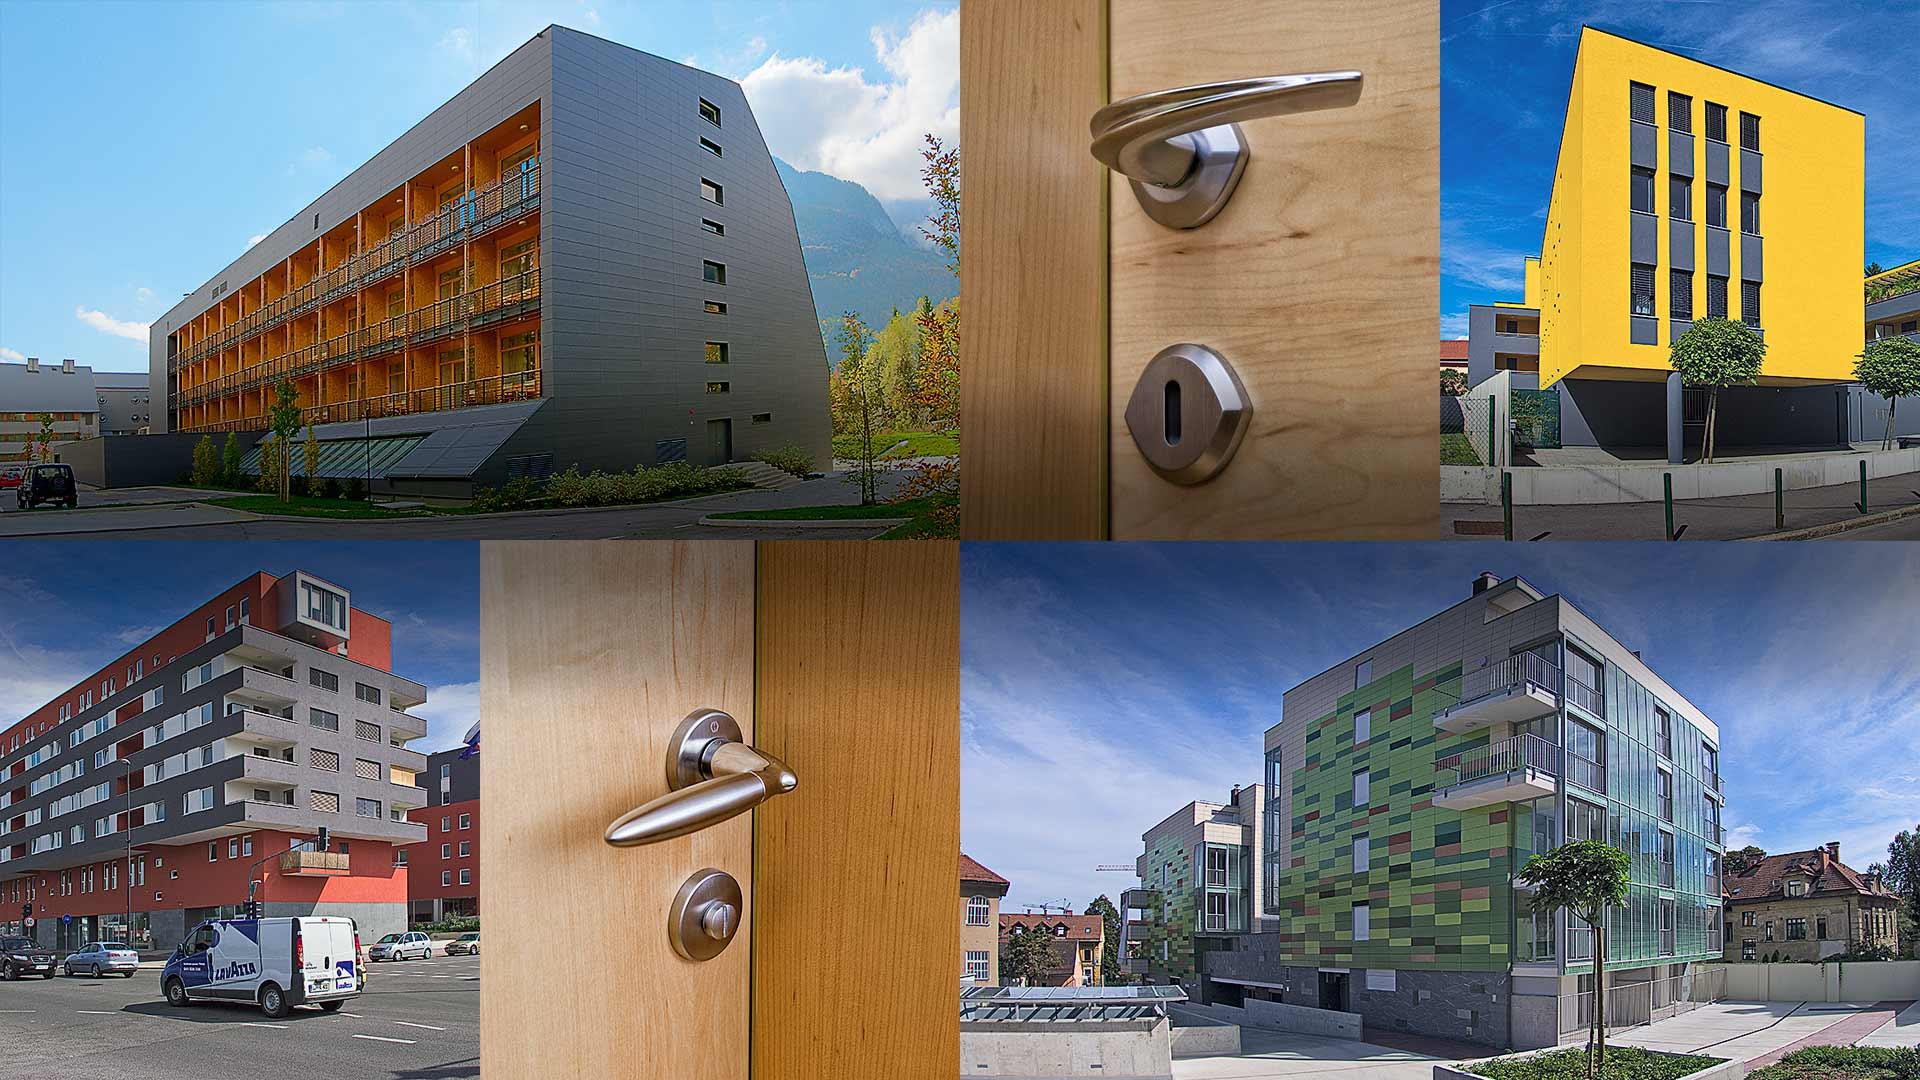 Poslovna Fotografija  Arhitektura